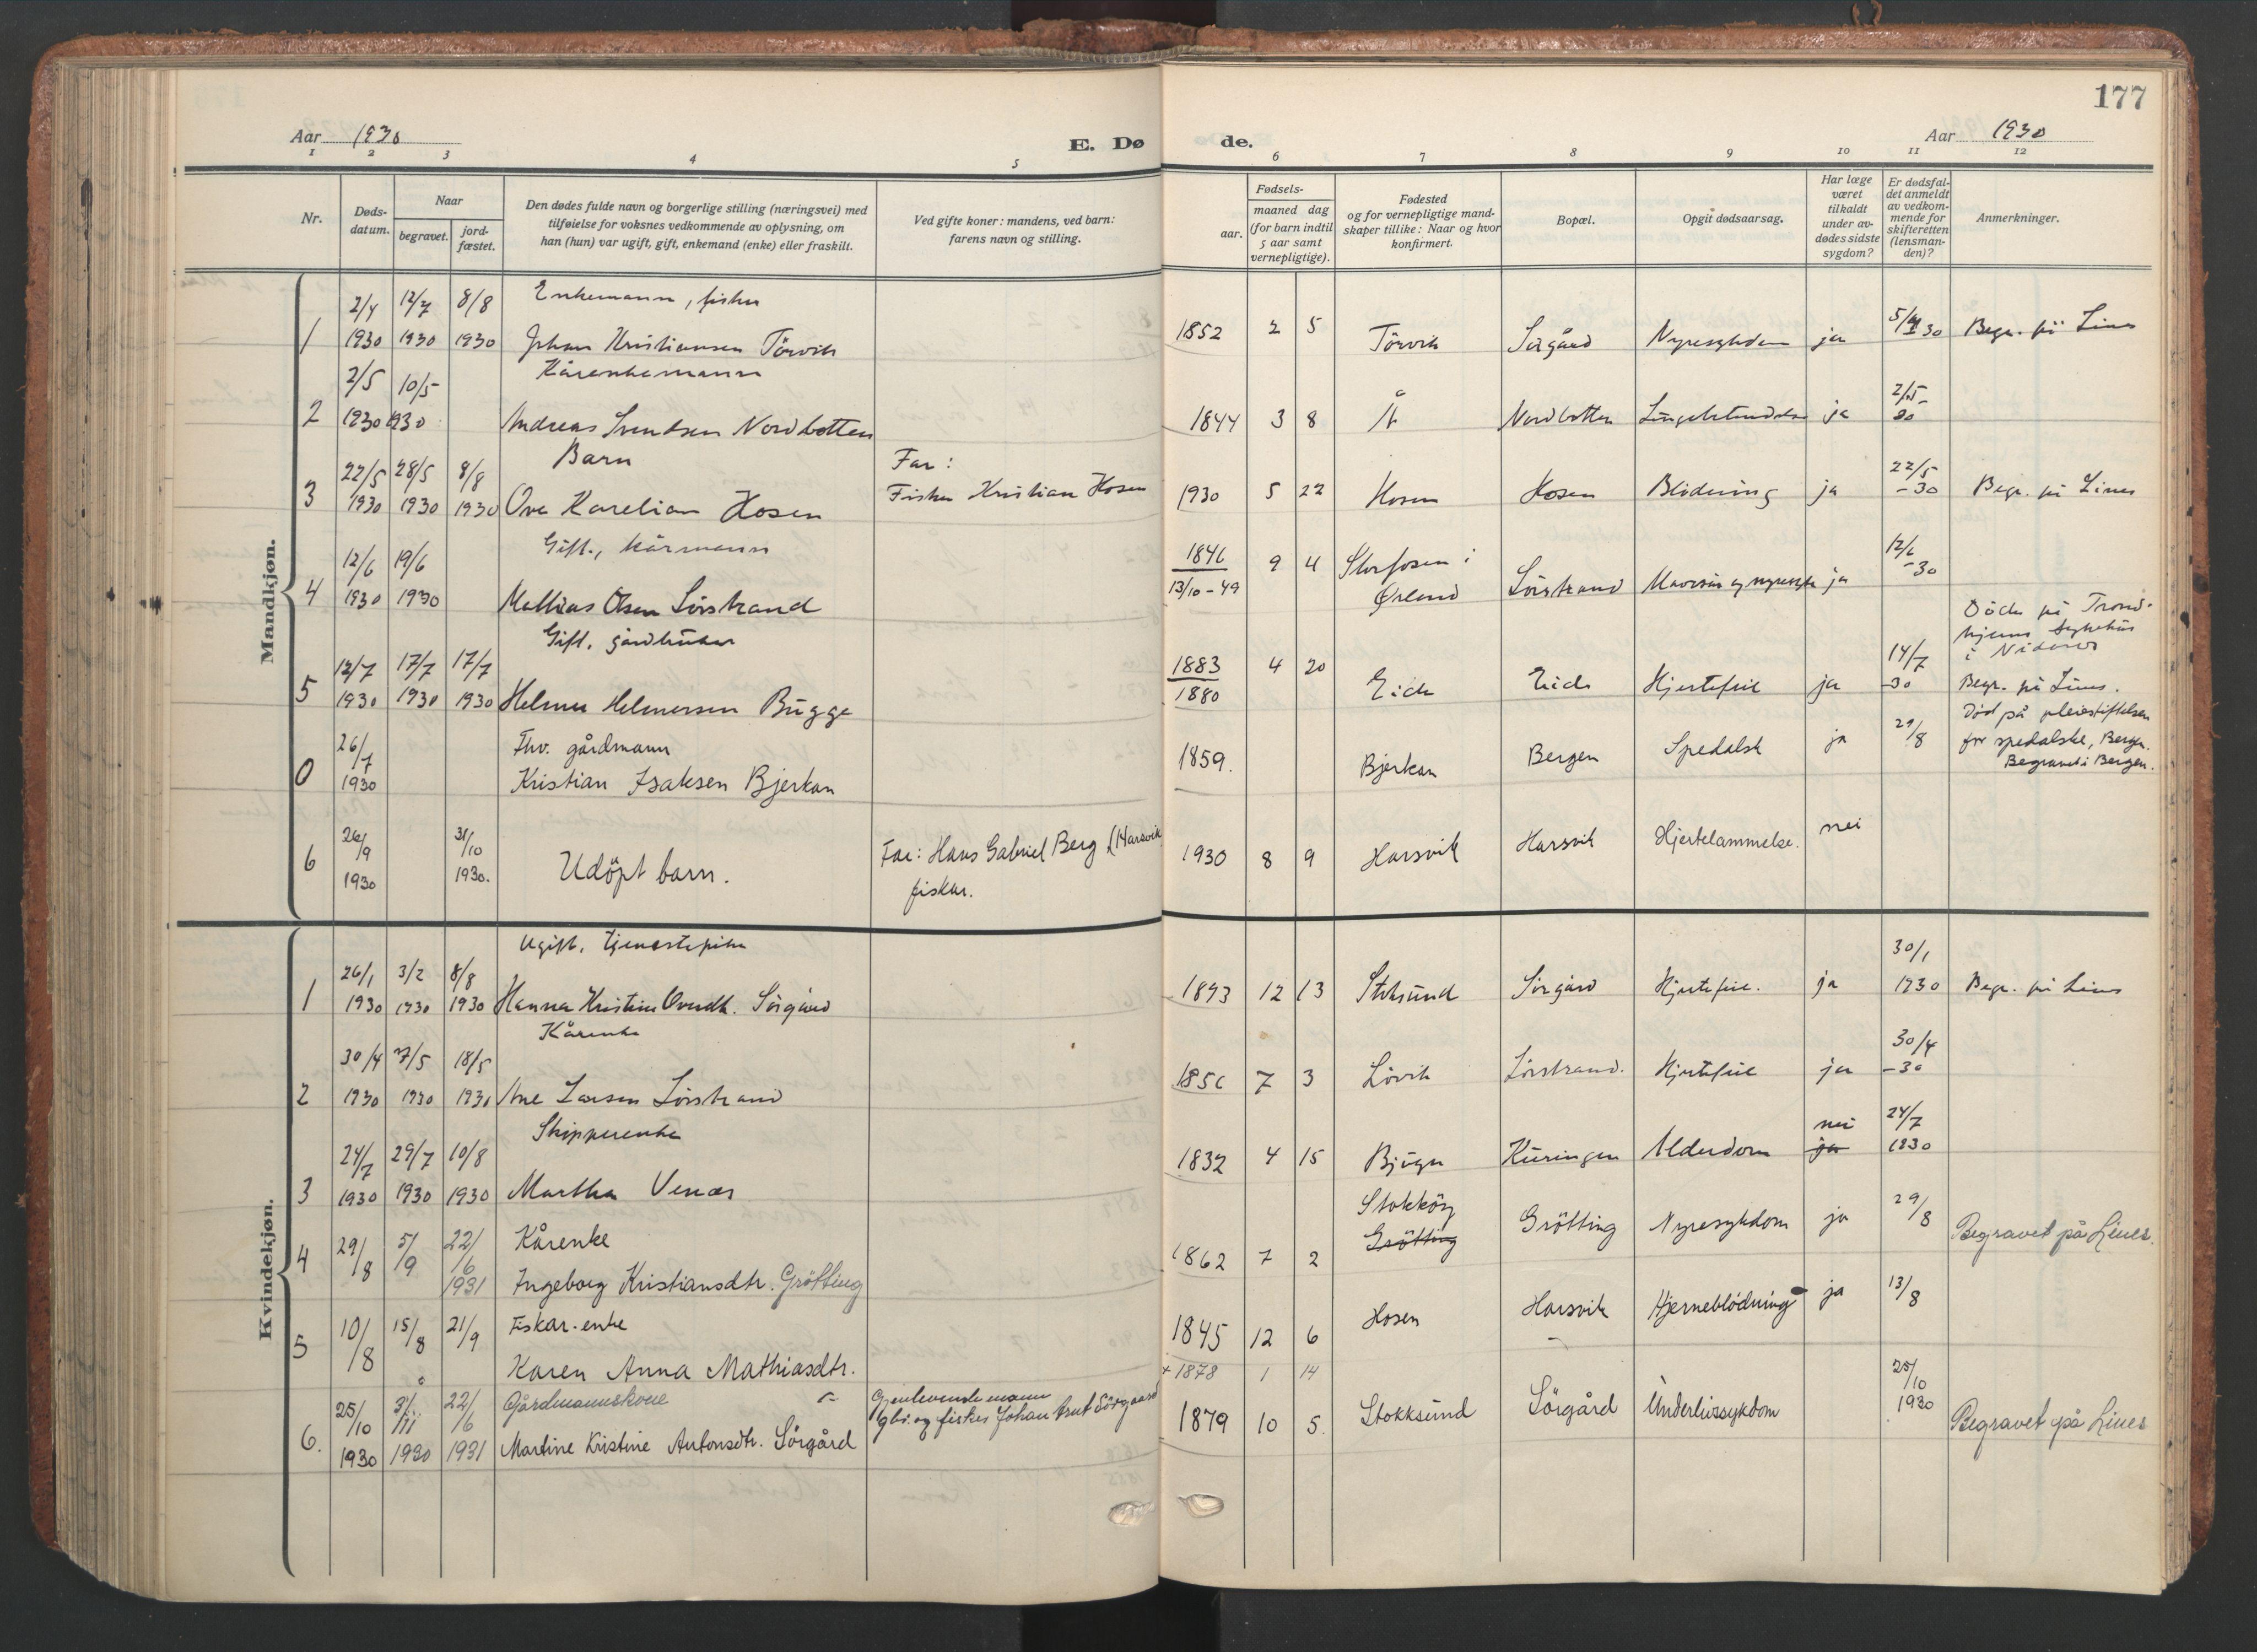 SAT, Ministerialprotokoller, klokkerbøker og fødselsregistre - Sør-Trøndelag, 656/L0694: Ministerialbok nr. 656A03, 1914-1931, s. 177